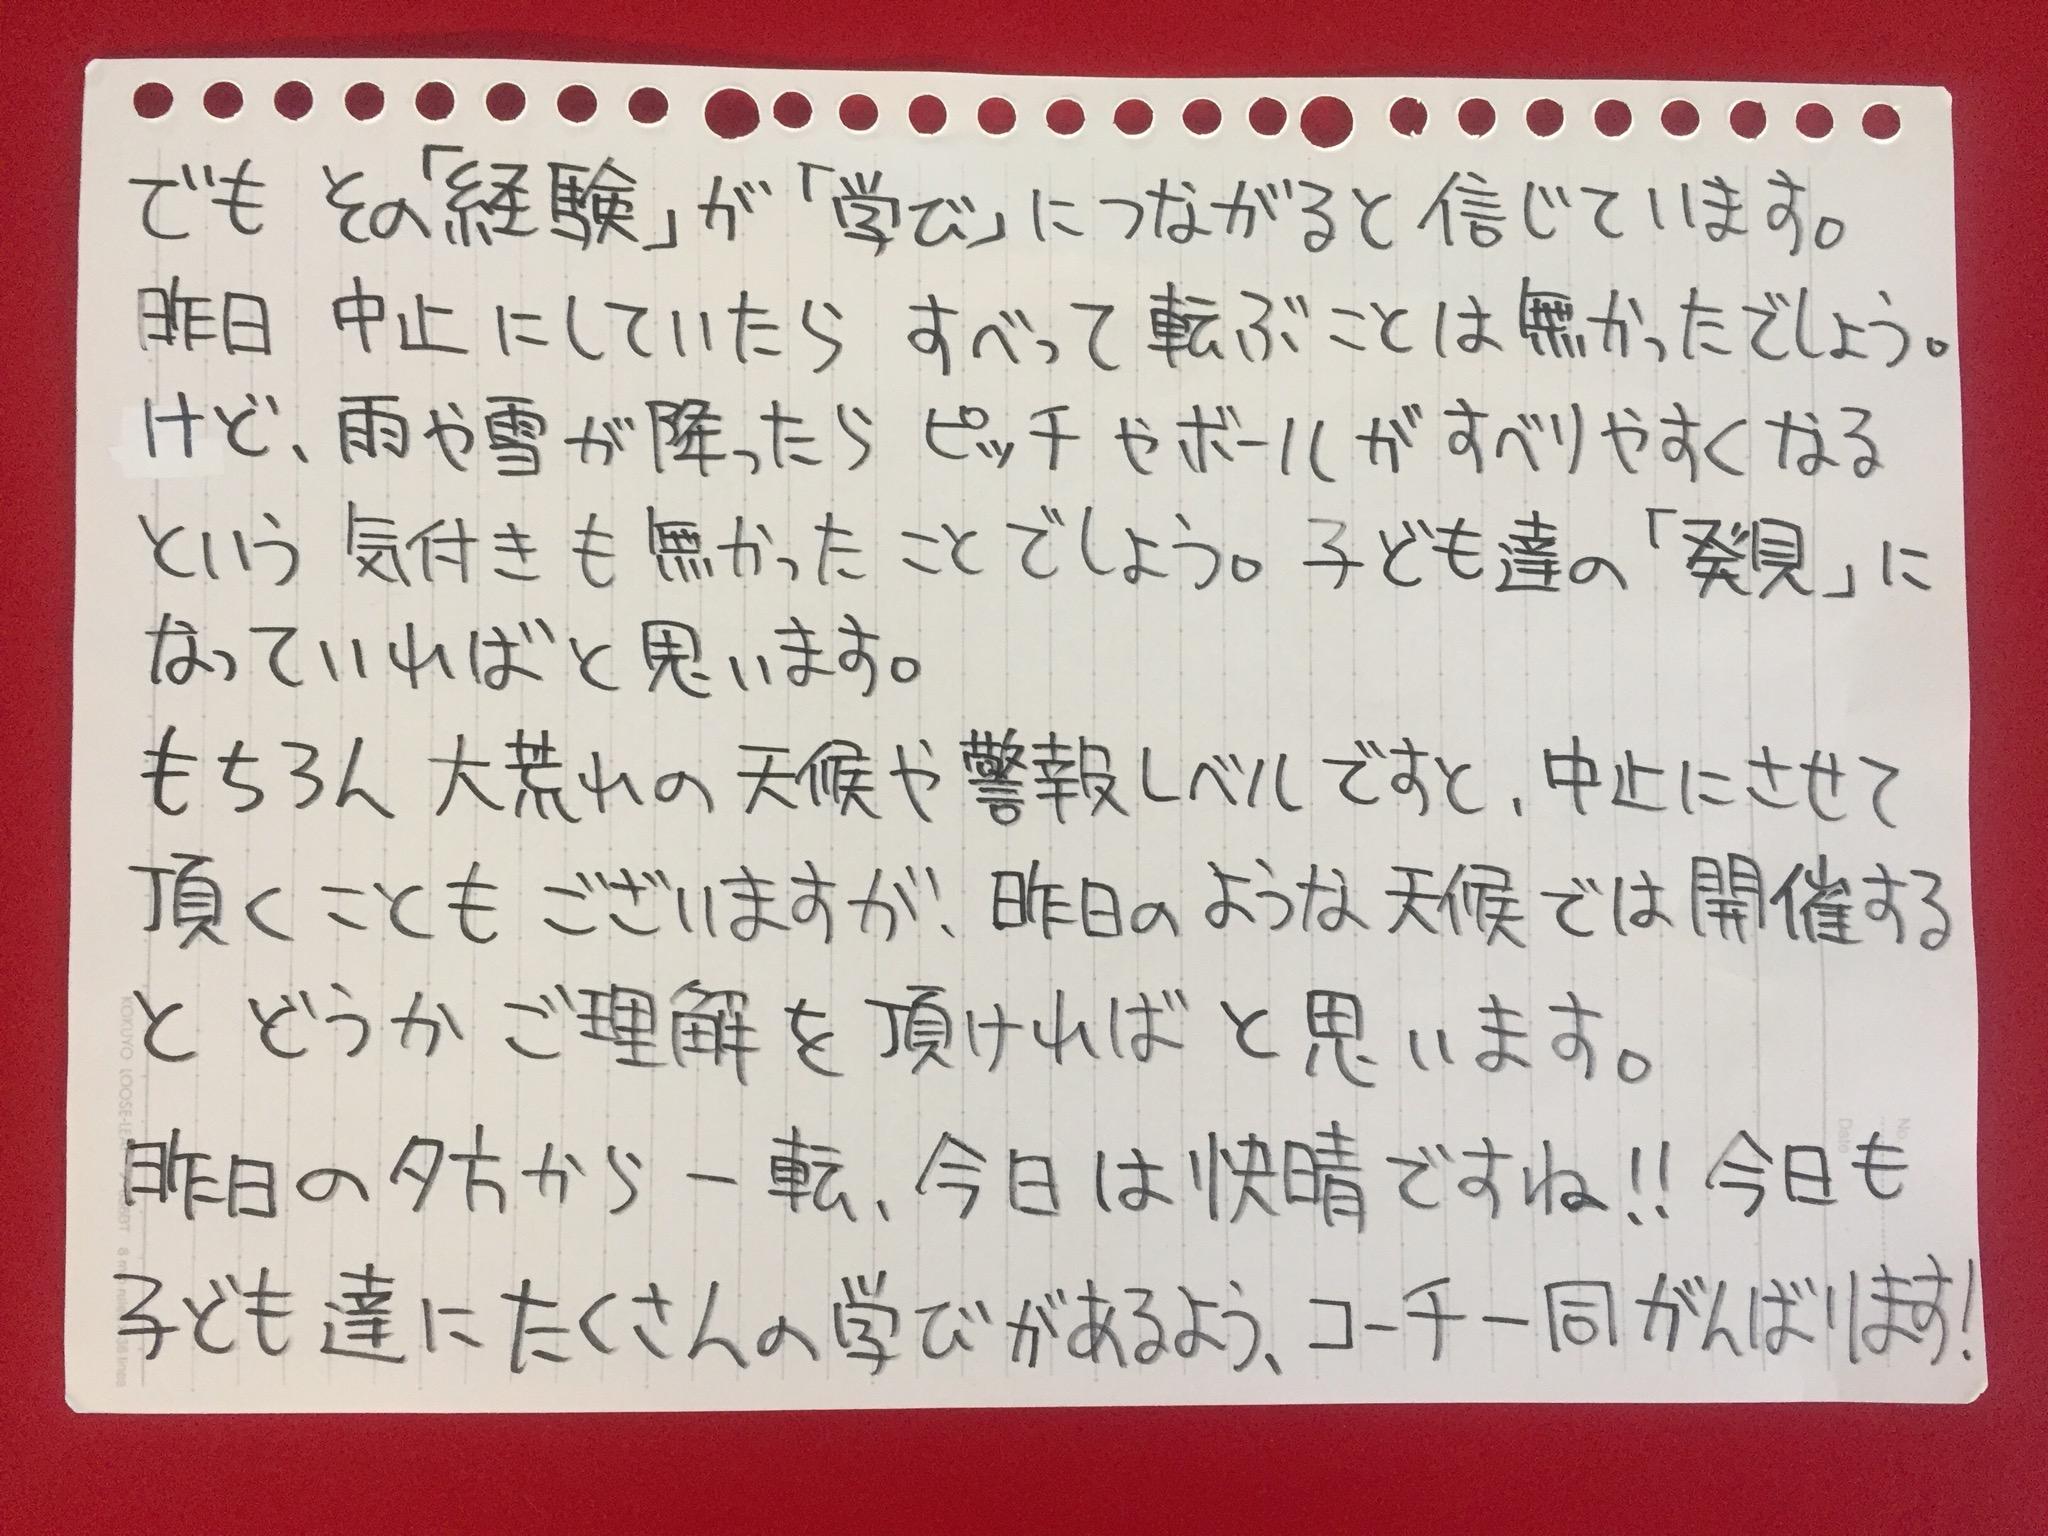 http://chsc.jp/report/up_images/8864EB0E-983F-4099-8D38-58B4E9E4F9EC.jpeg